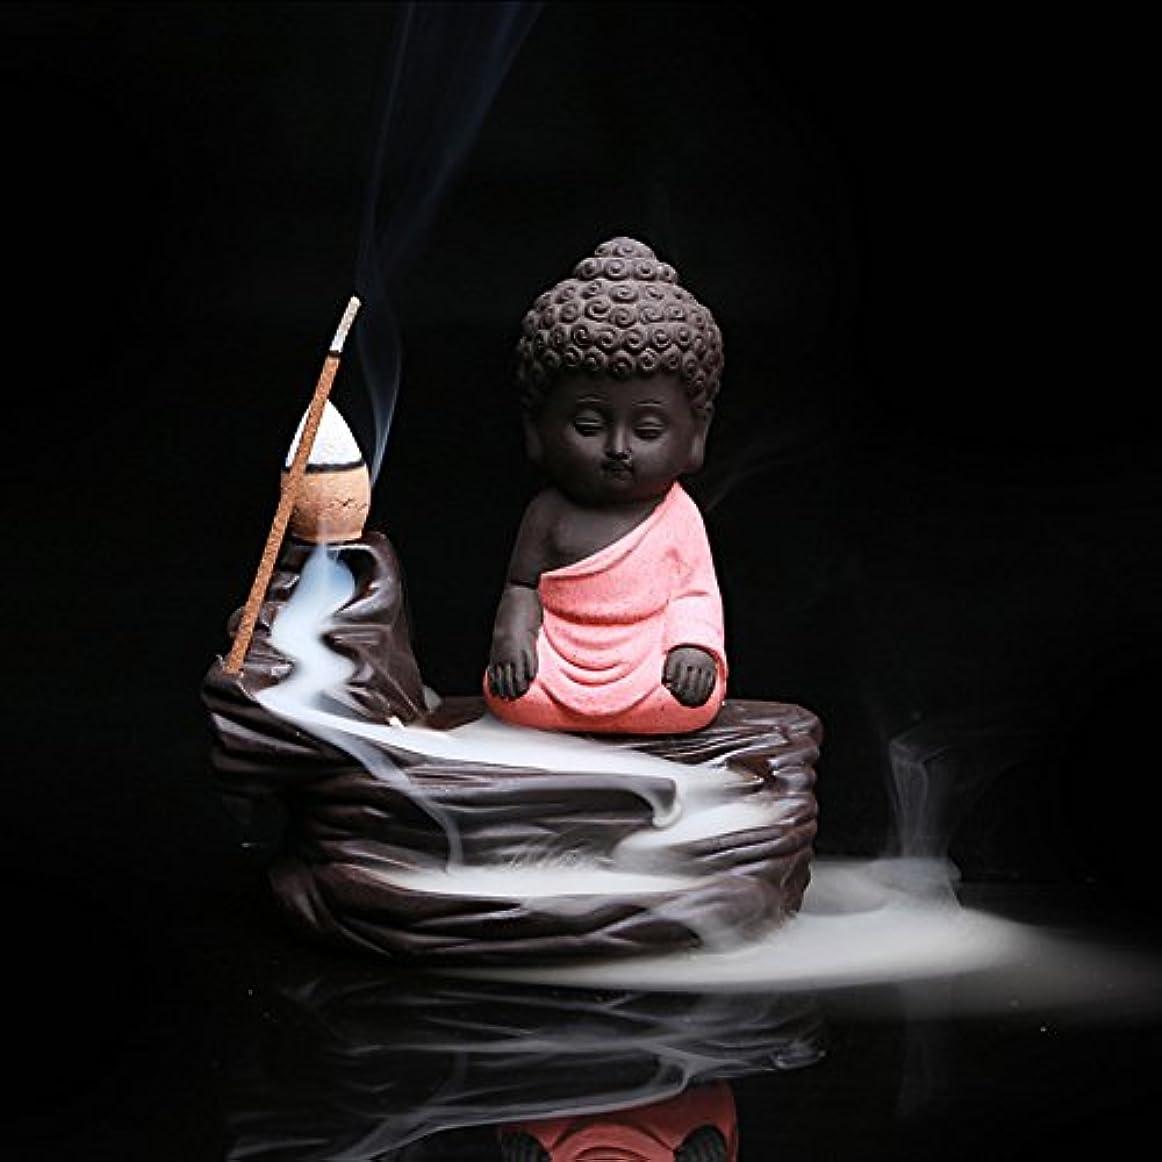 阻害する曖昧な崇拝するクリエイティブ逆流香炉コーンスティックホルダーSmall BuddhaセラミックCenserホーム部屋装飾 12.0*12.0*6.0cm レッド Colorado